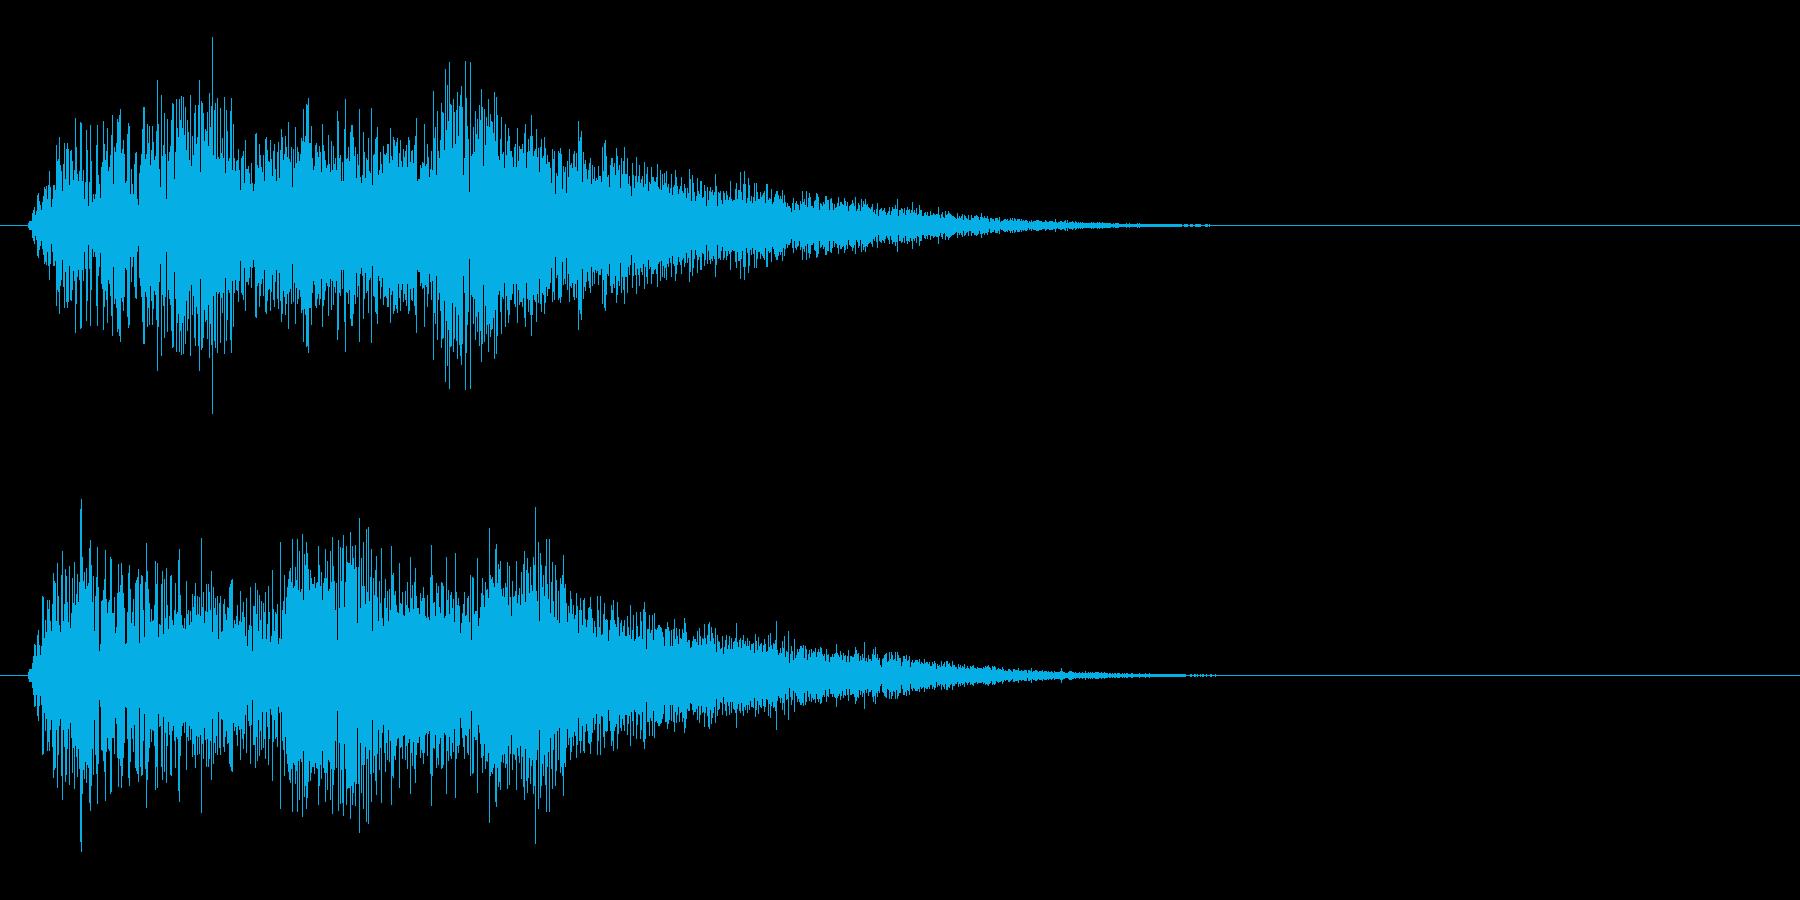 ブワンブワンブワン(魔法的な上昇音)の再生済みの波形